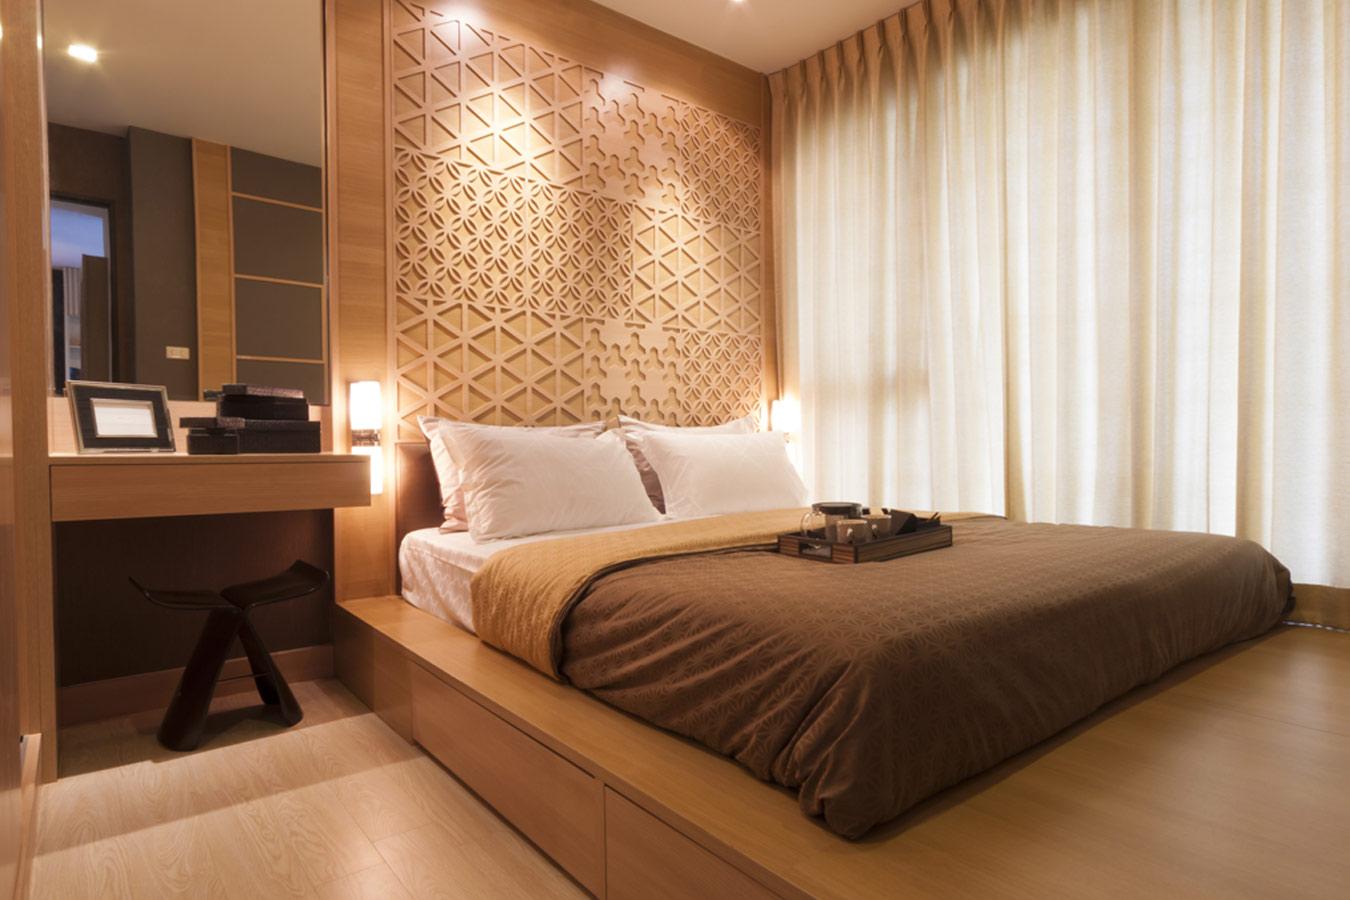 landelijke slaapkamer met warme kleuren en parket